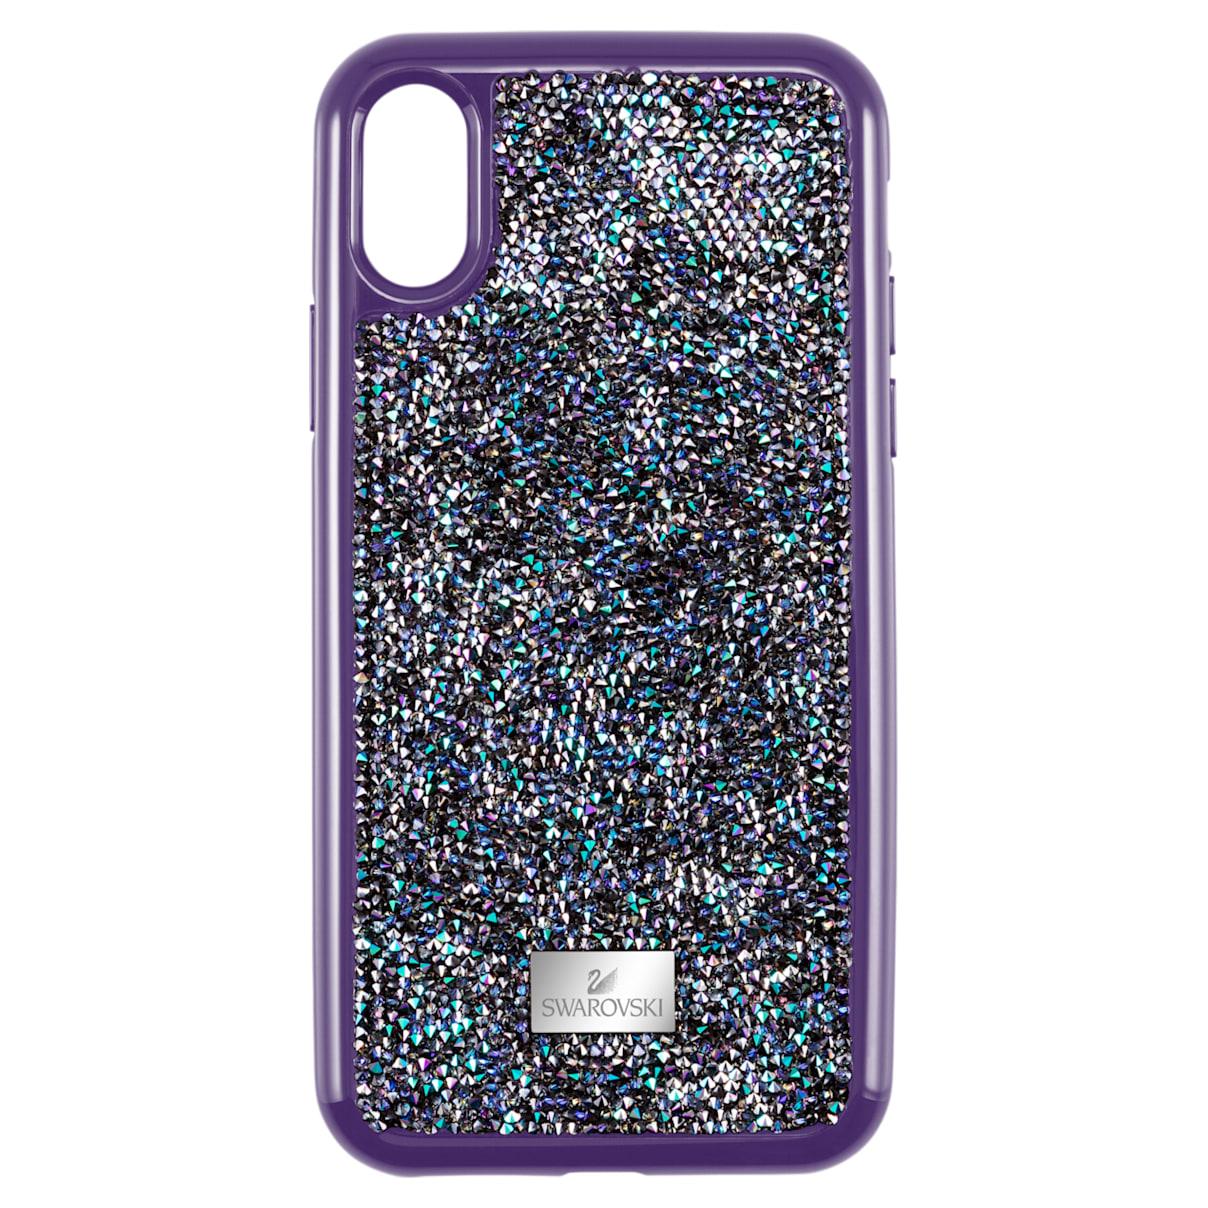 Custodia per smartphone con bordi protettivi Glam Rock, iPhone® X/XS, viola